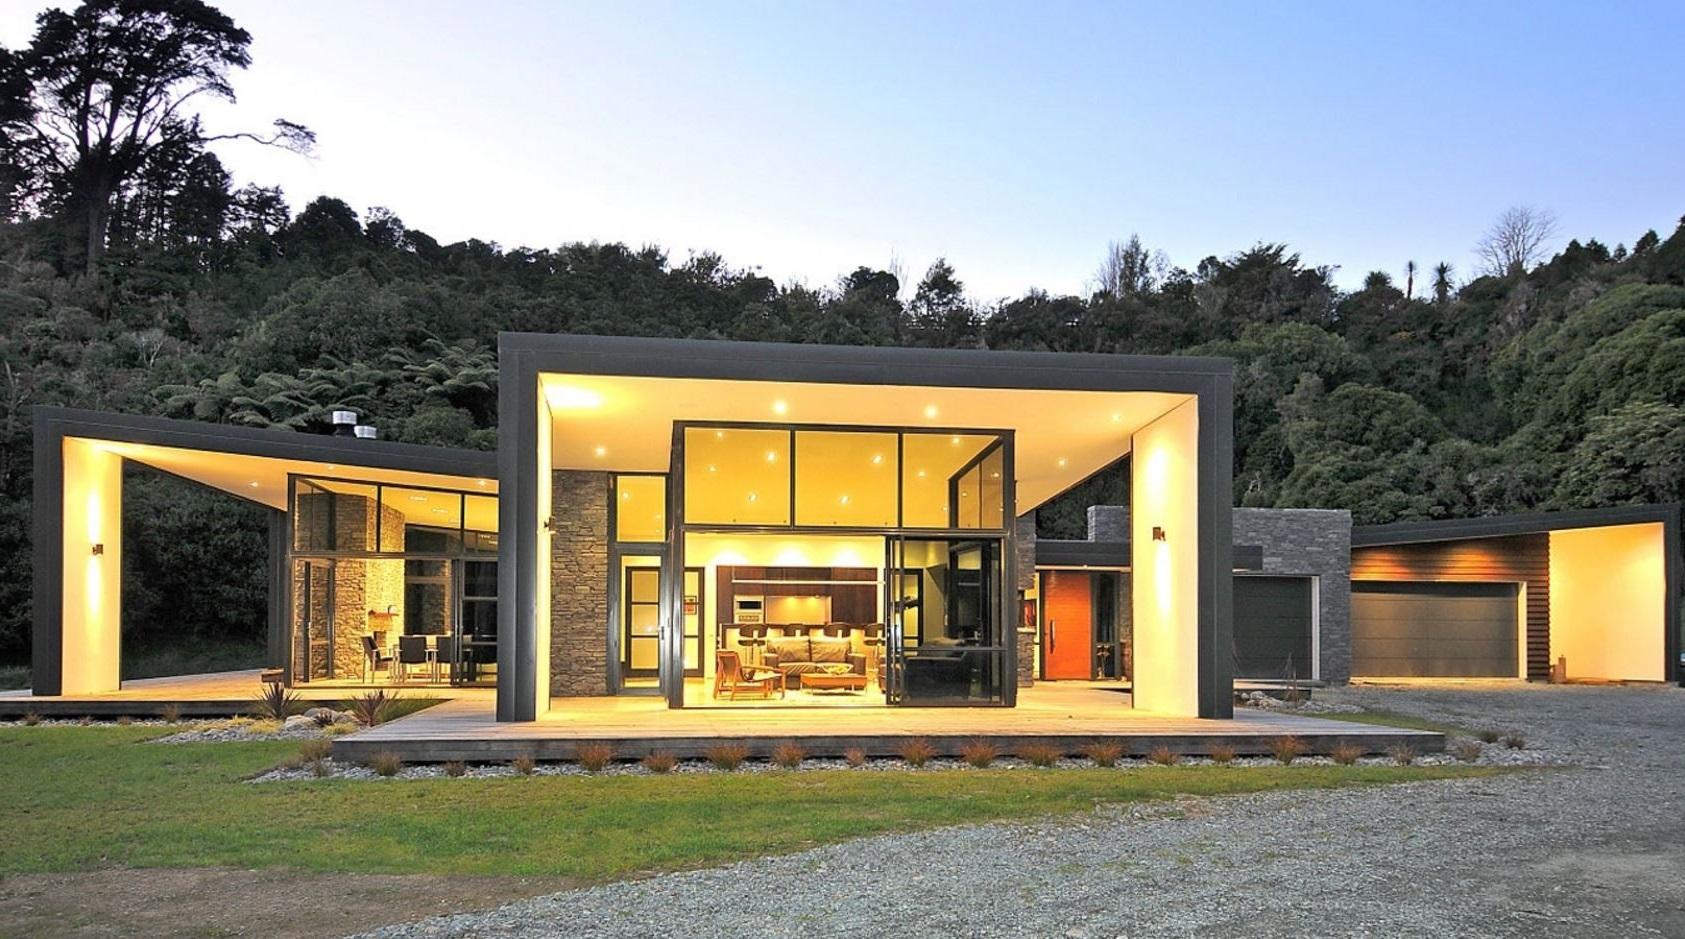 casa-rustica-y-moderna-con-vidrios